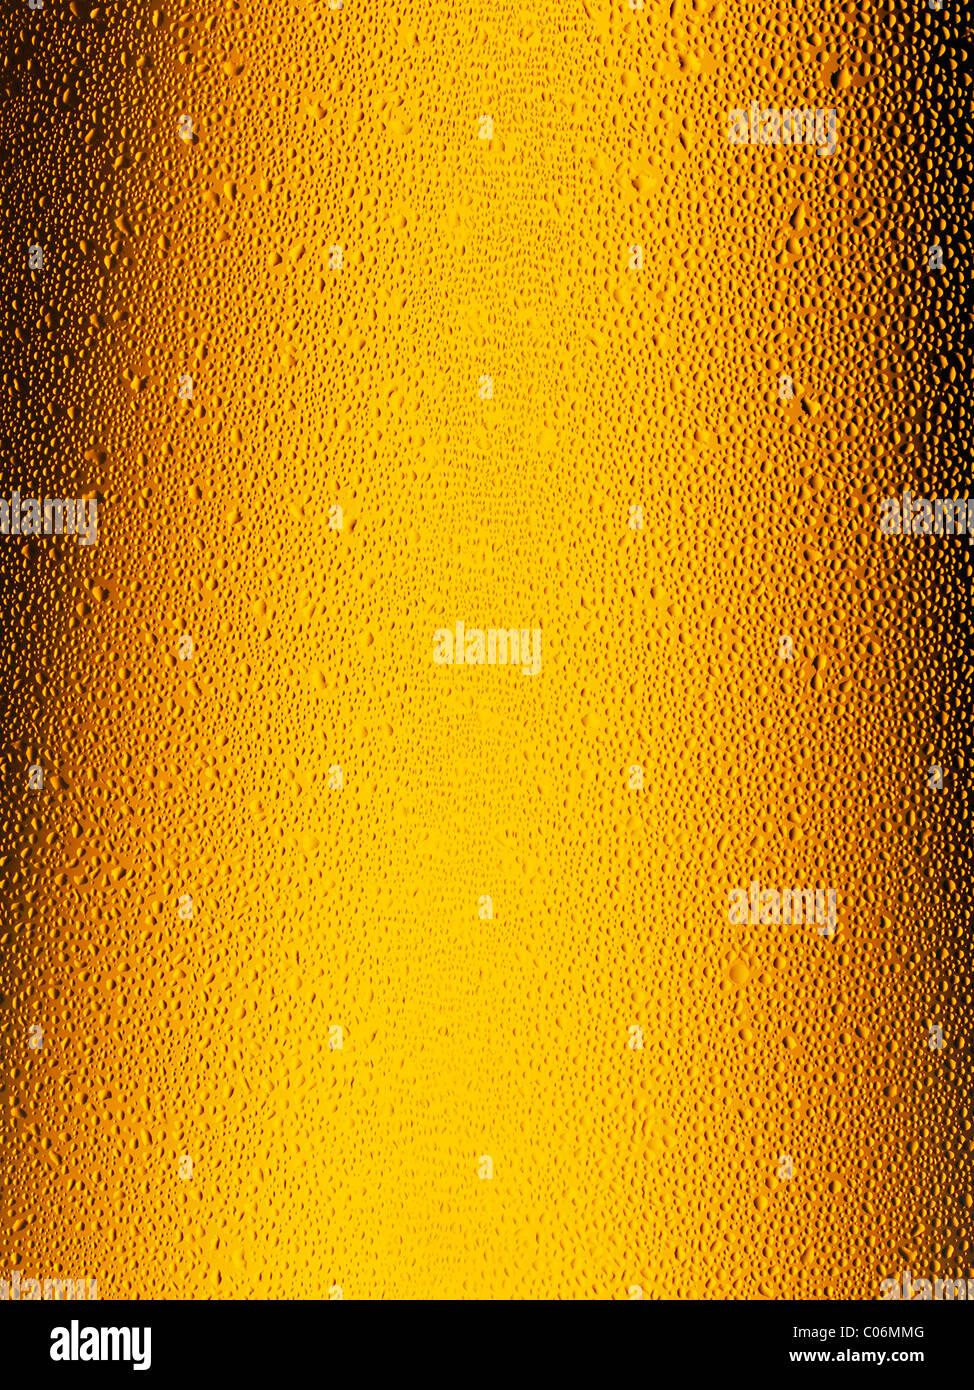 Bierflasche, Nahaufnahme. Kondensation zeigt auf den Flaschenhals. Stockbild